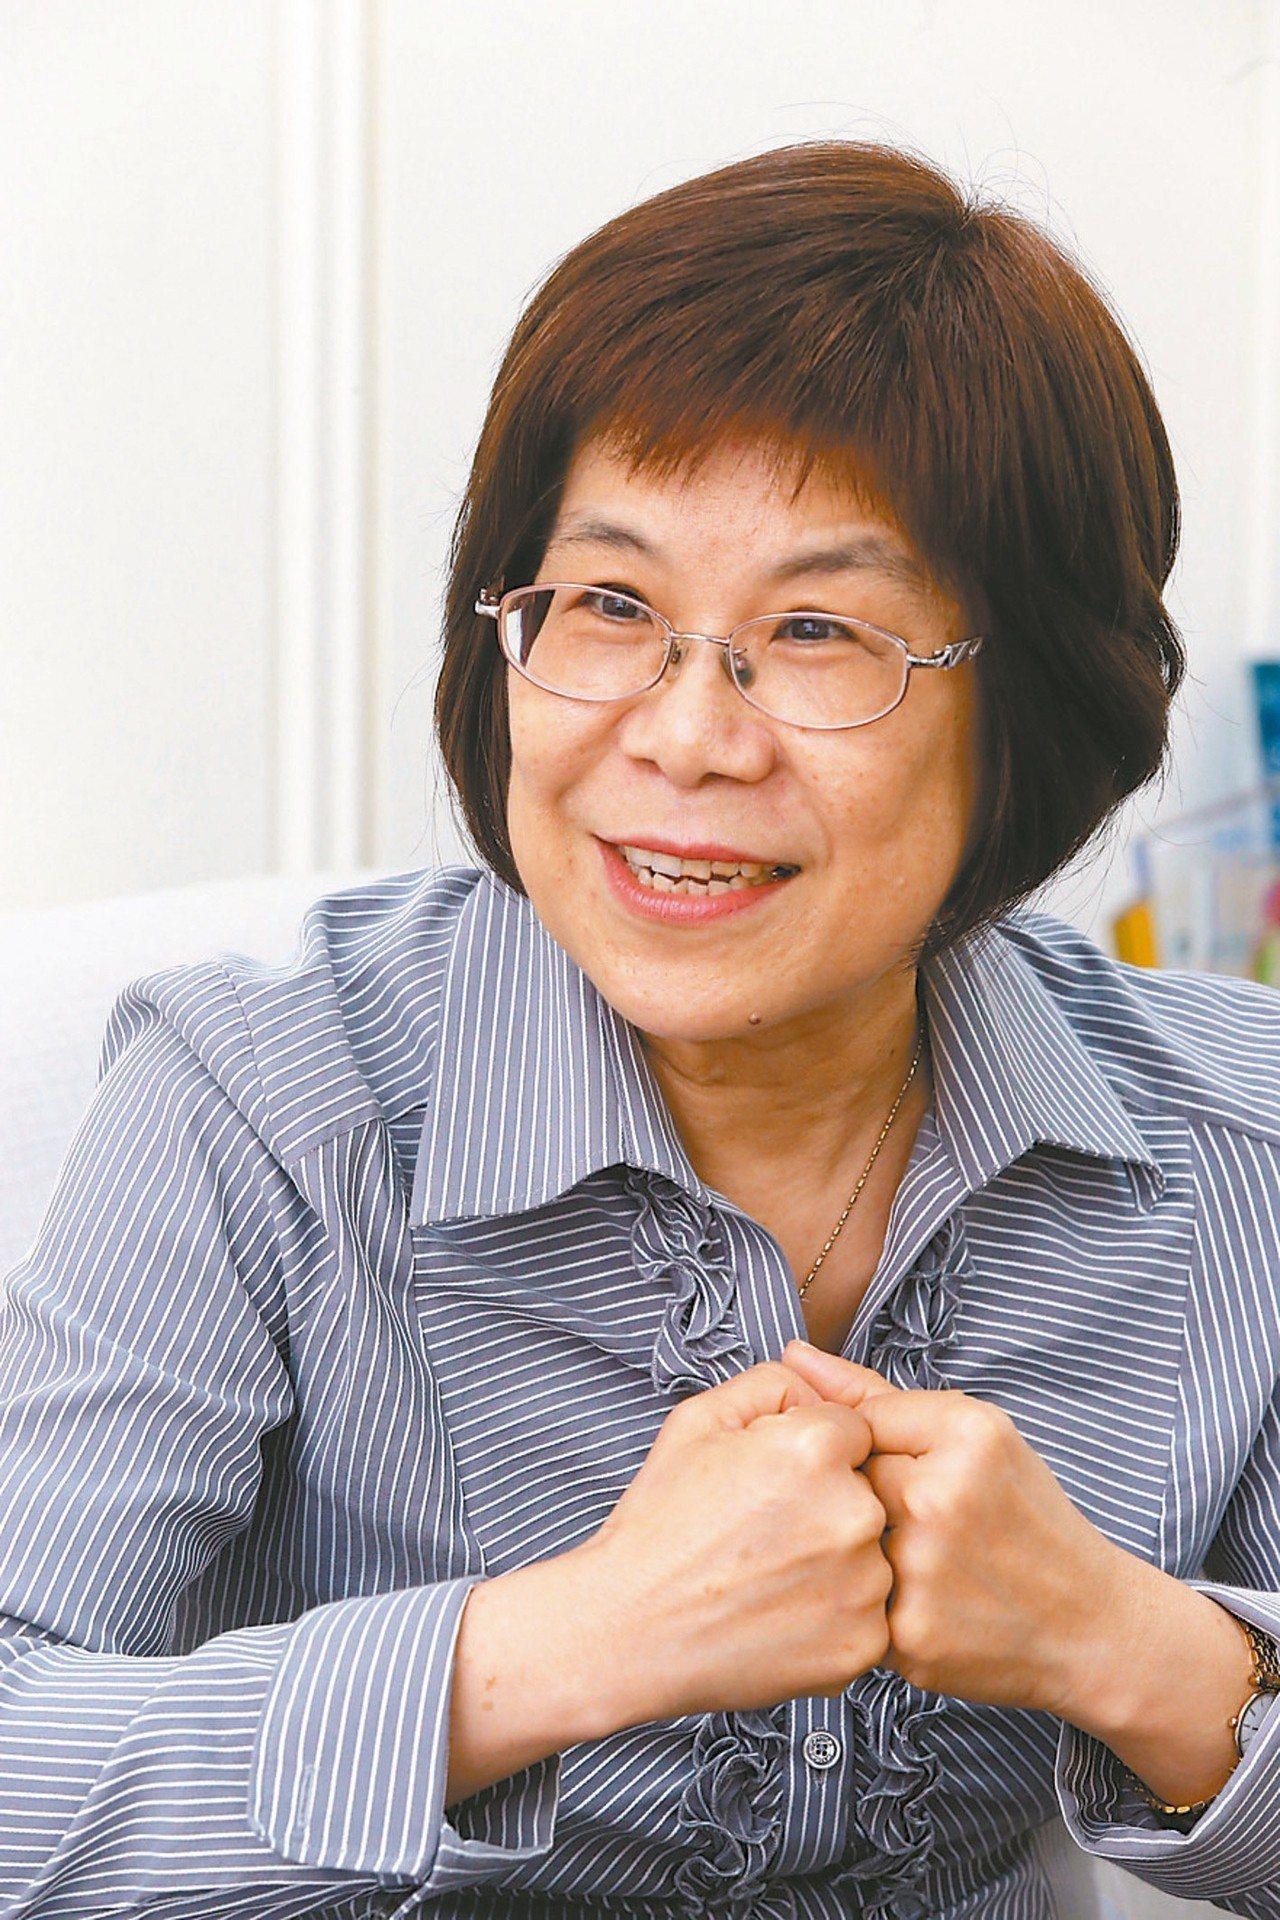 彰銀董事長凌忠嫄 (本報系資料庫)